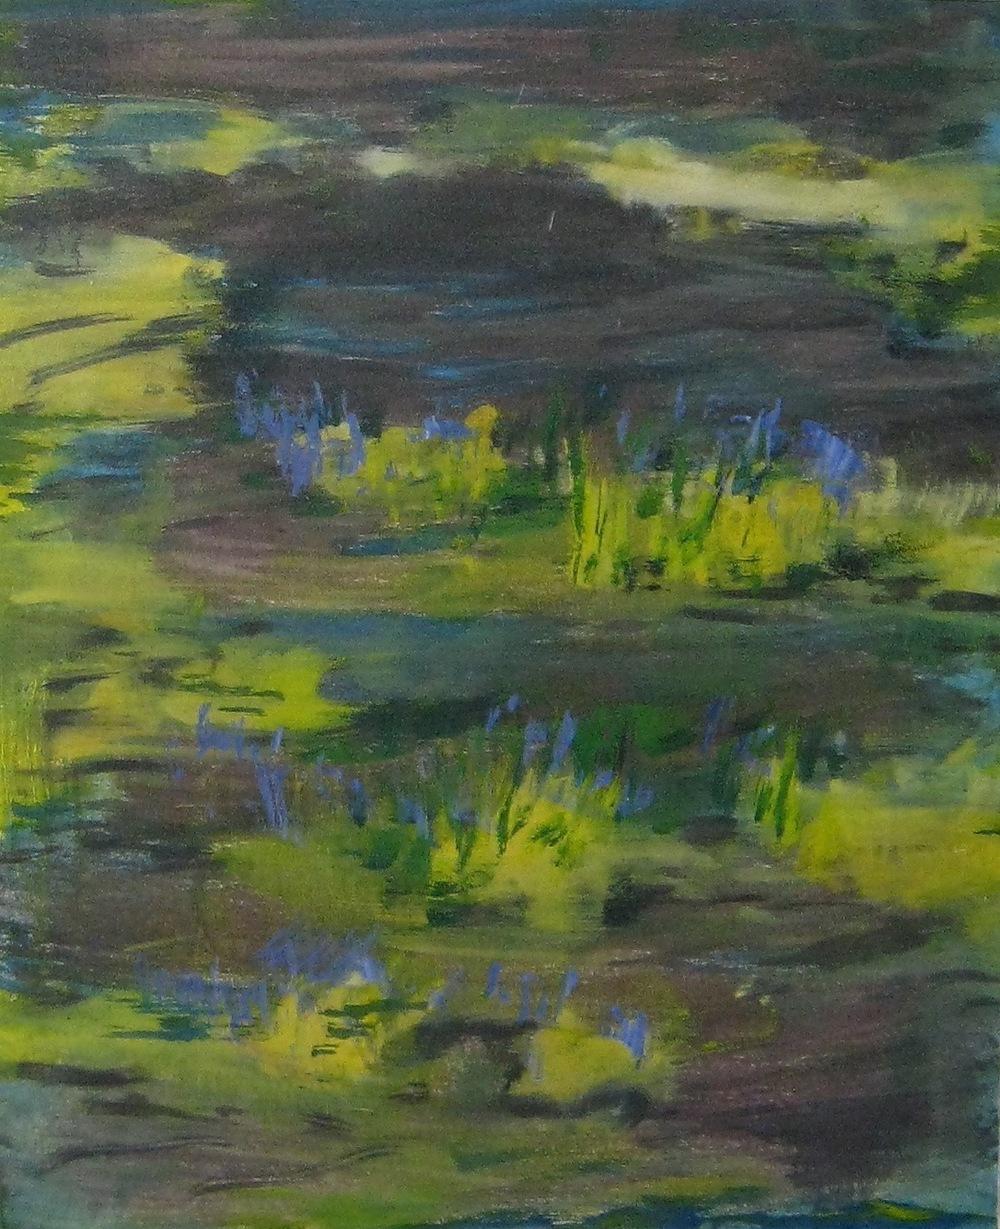 Imagined Landscape, 2011, SOLD